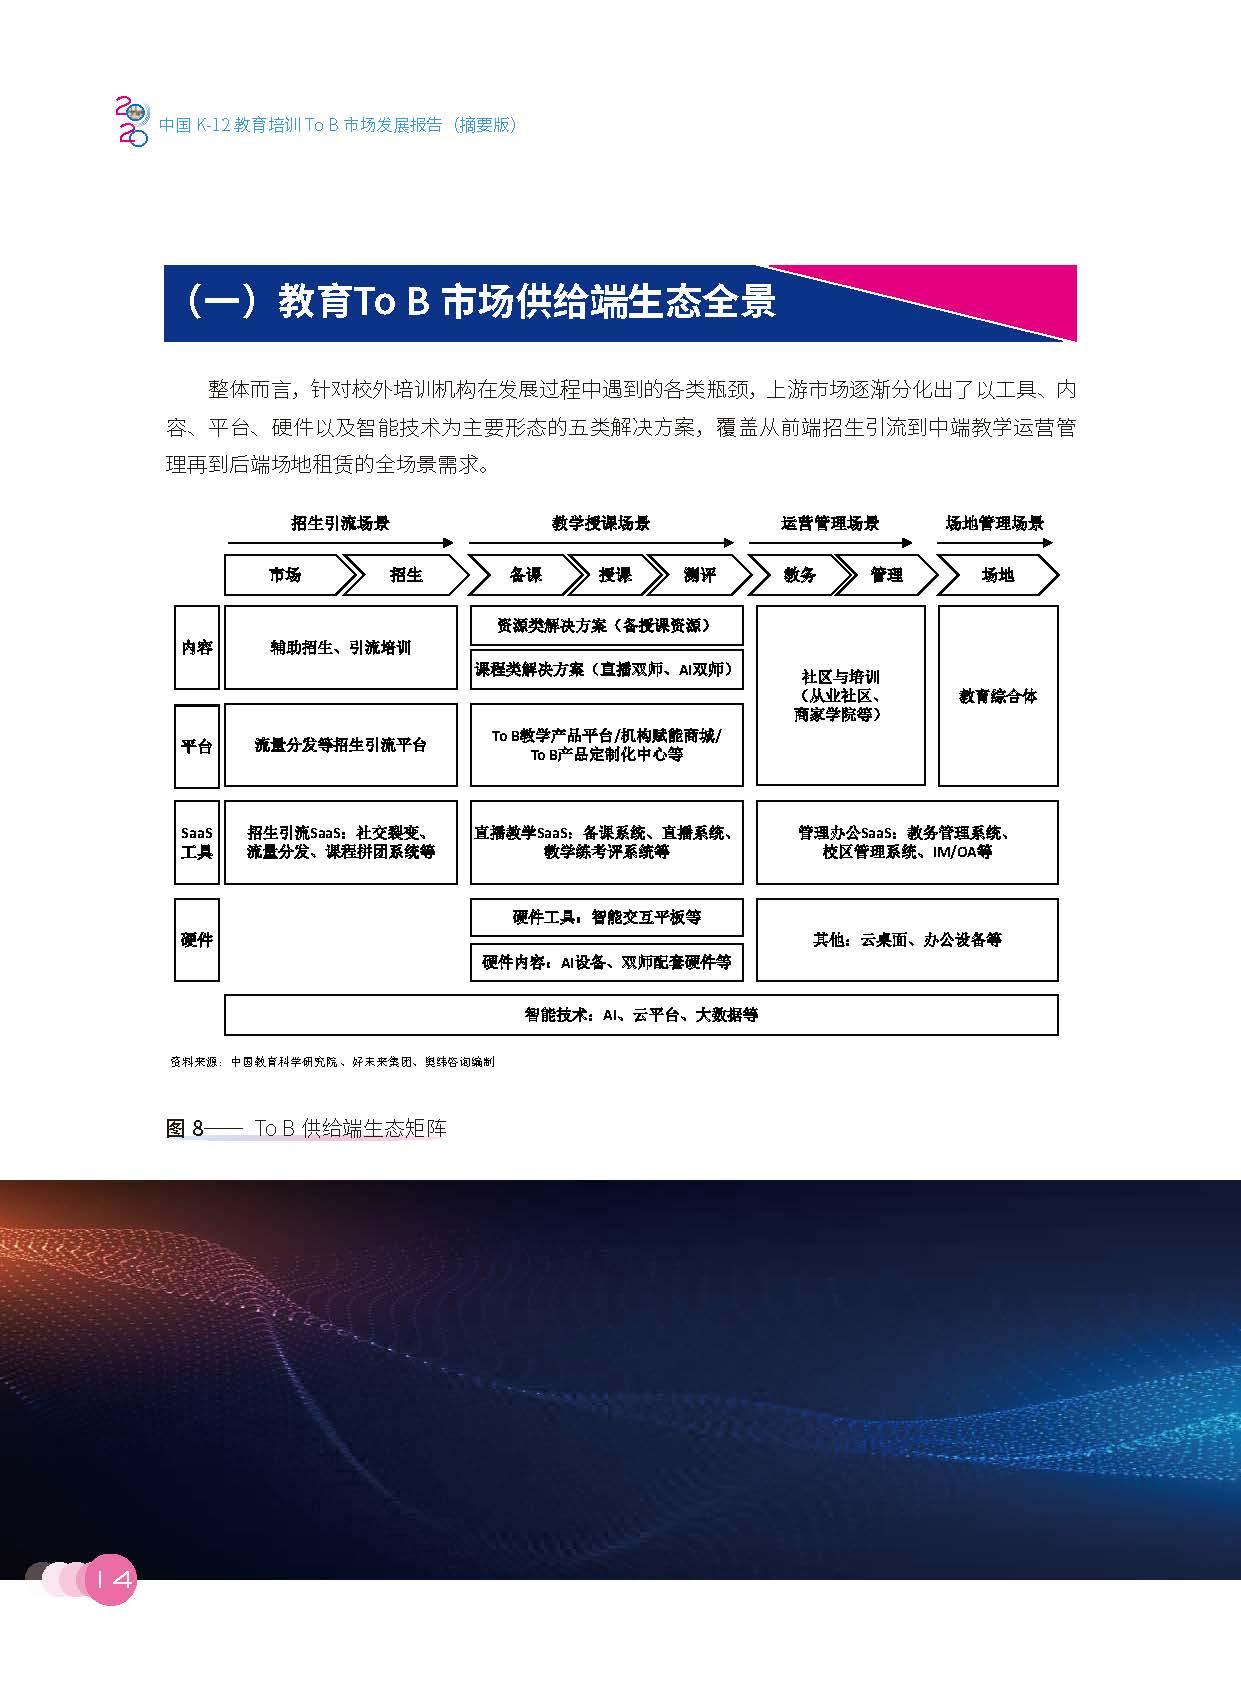 中国教育科学研究院:2020中国K~12教育培训To B市场发展报告(56页)_页面_17.jpg